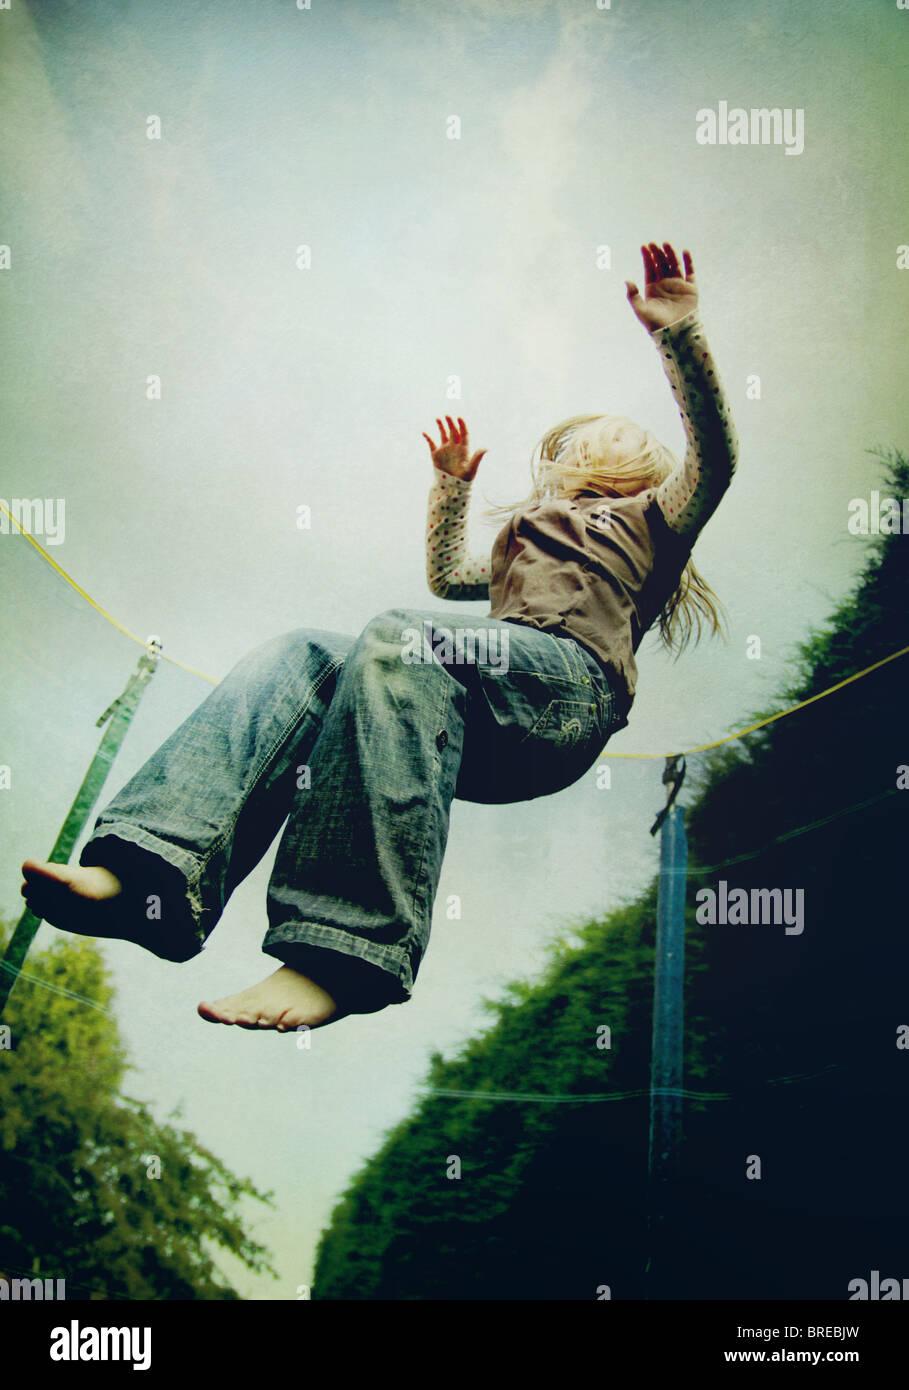 Ragazza saltando su un trampolino Immagini Stock